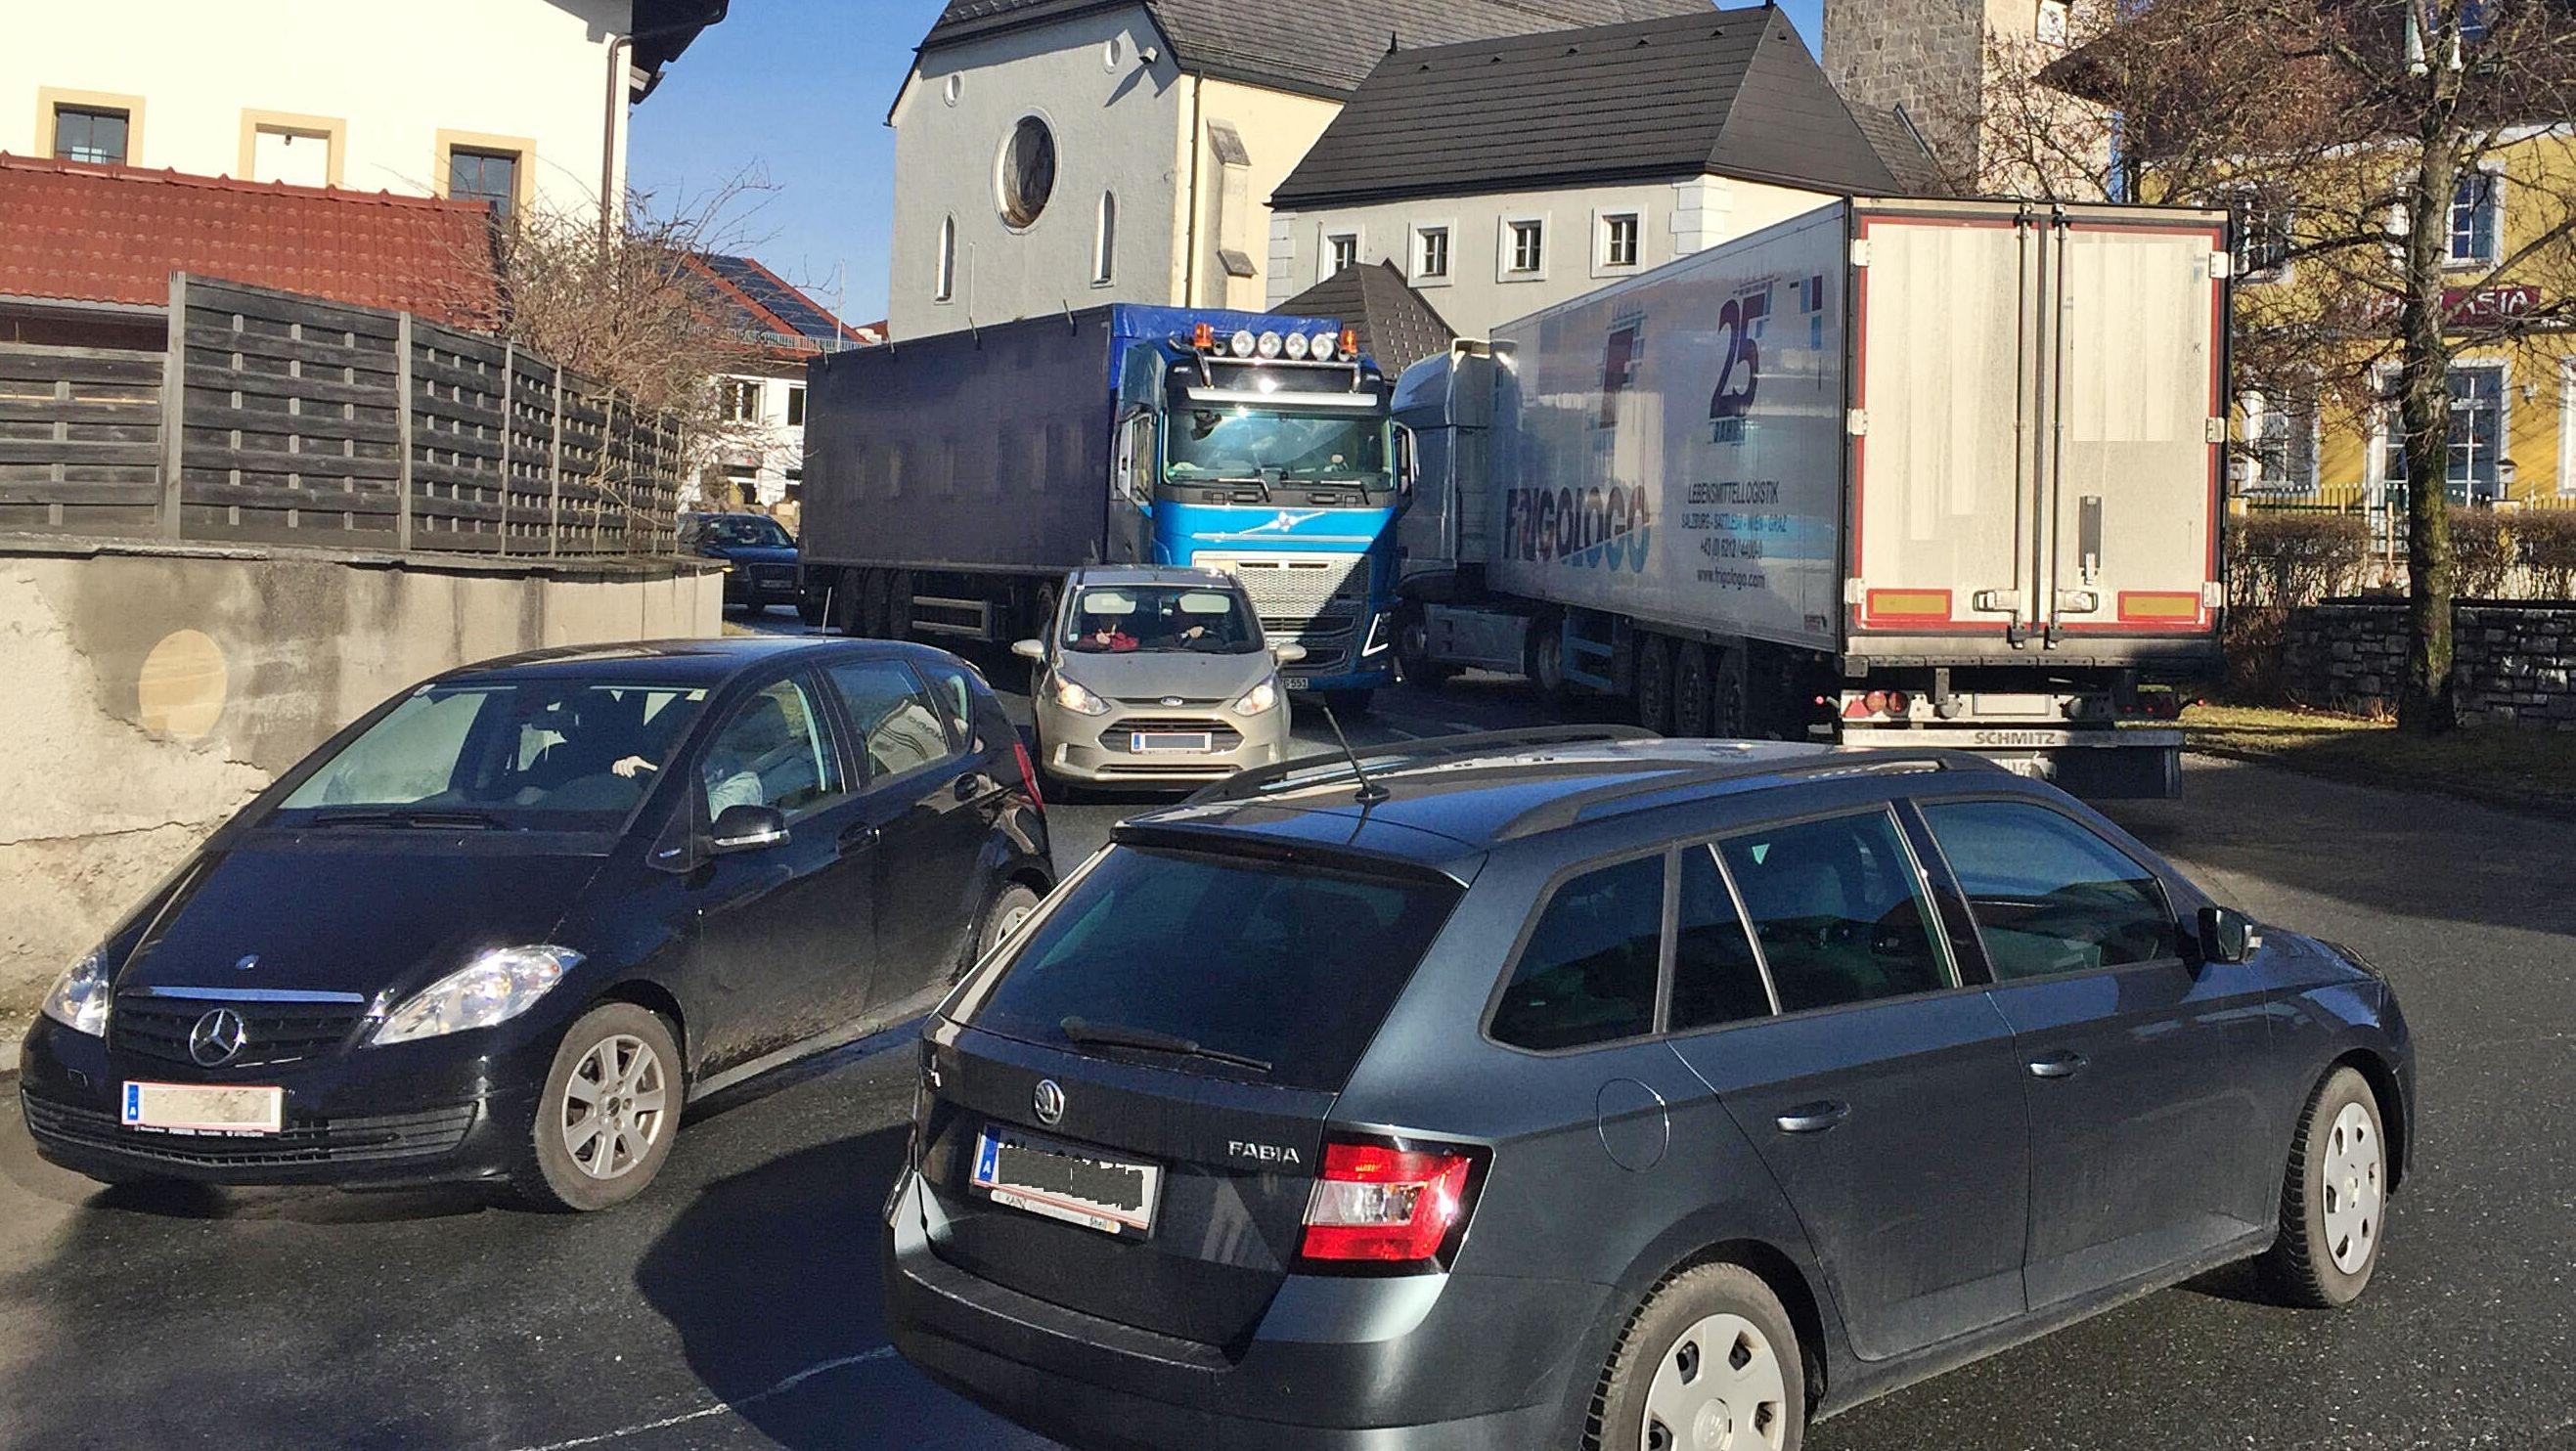 Ortsdurchfahrt Lamprechtshausen. Viele LKW quälen sich über die B156 durch den Ort. Ab März soll die Straße für Laster gesperrt werden.